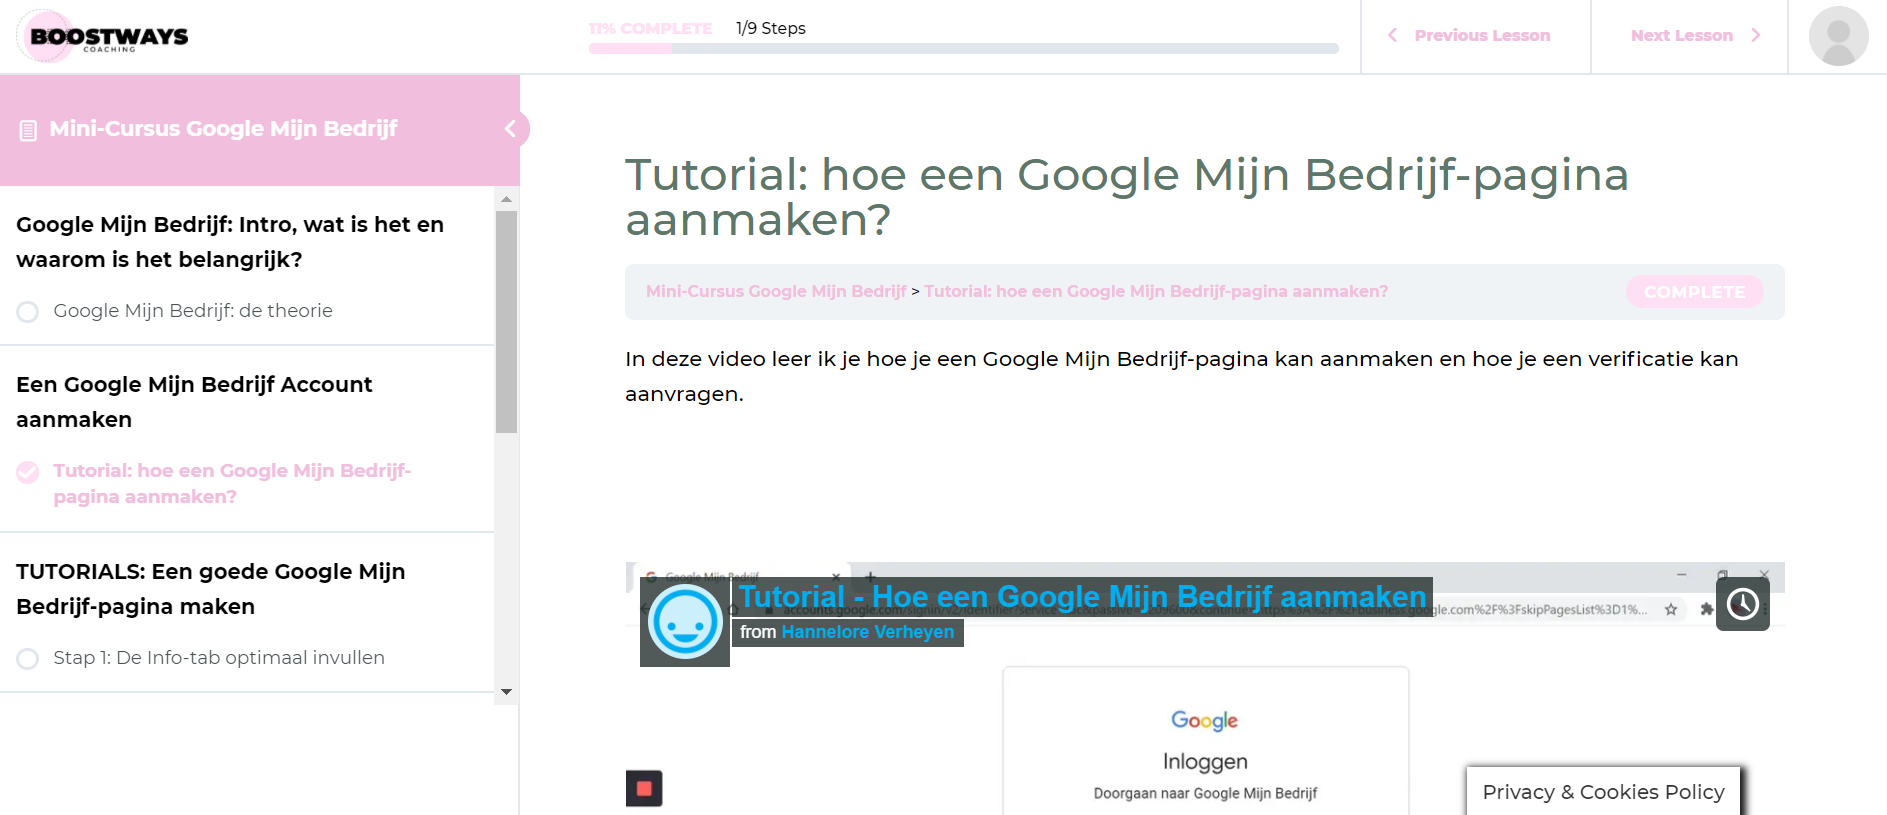 Google Mijn Bedrijf Minicursus